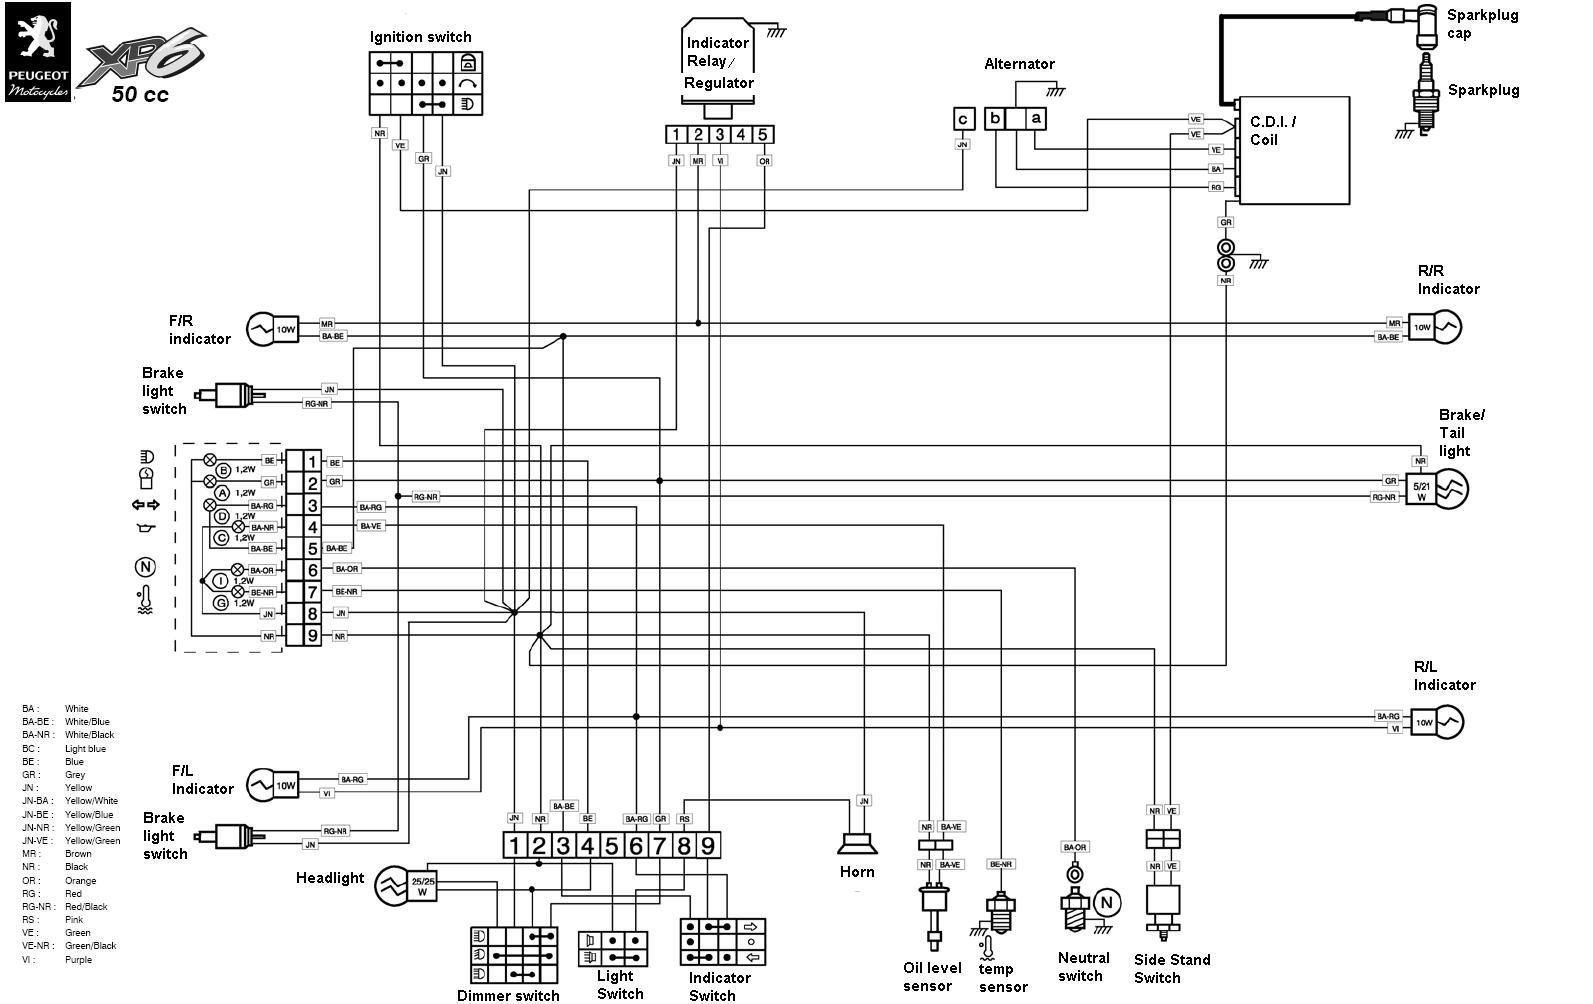 medium resolution of download moto schem peugeot xp6 50cc moto moto schem peugeot xp6 50cc moto